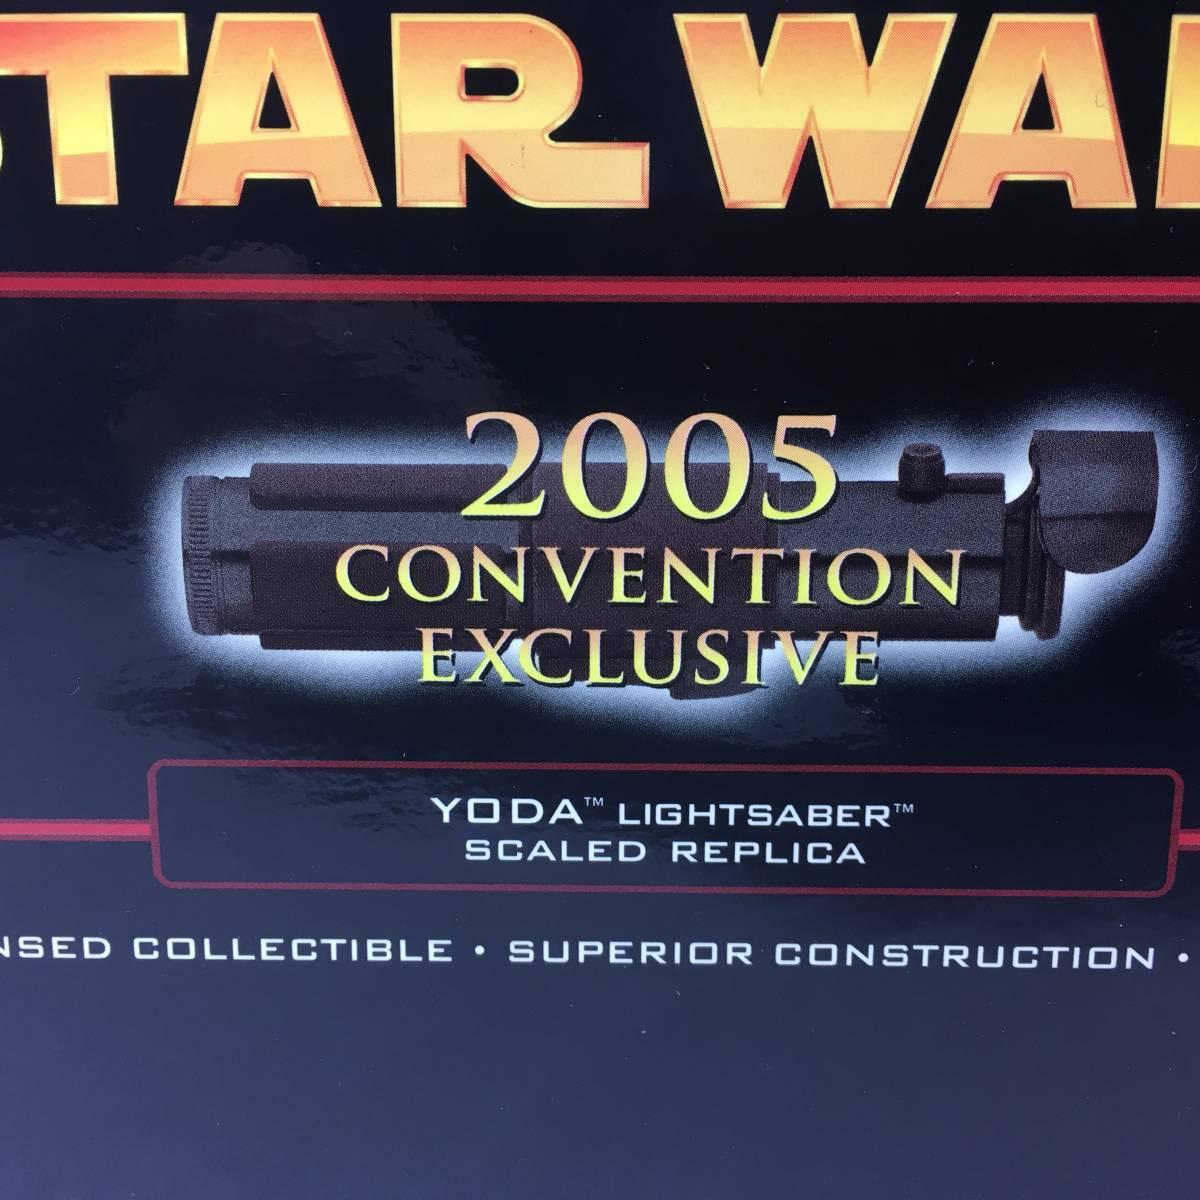 レア 2005コンベンション限定 STAR WARS マスターレプリカ ヨーダ EP3ミニ ライトセーバー CONVENTION スターウォーズ コミコン ワンフェス_画像4